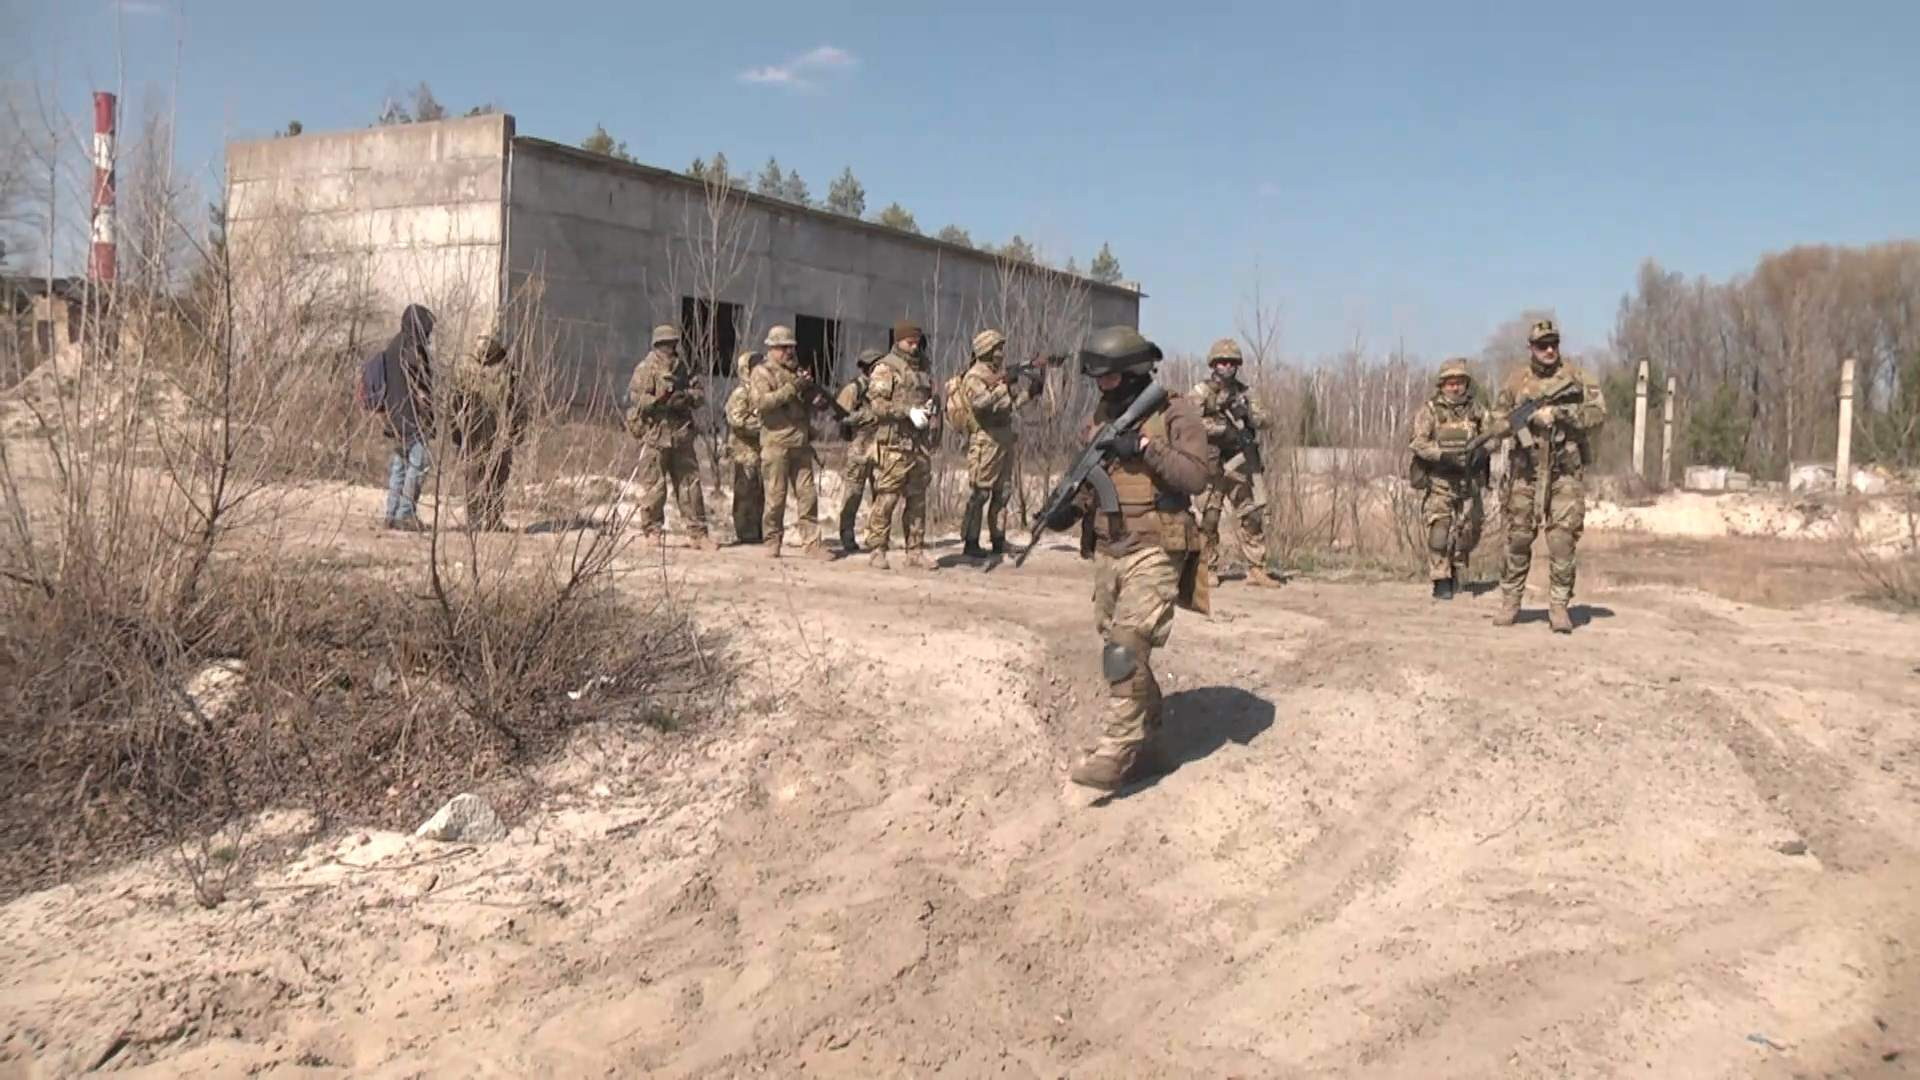 територіальна оборона тренування київ